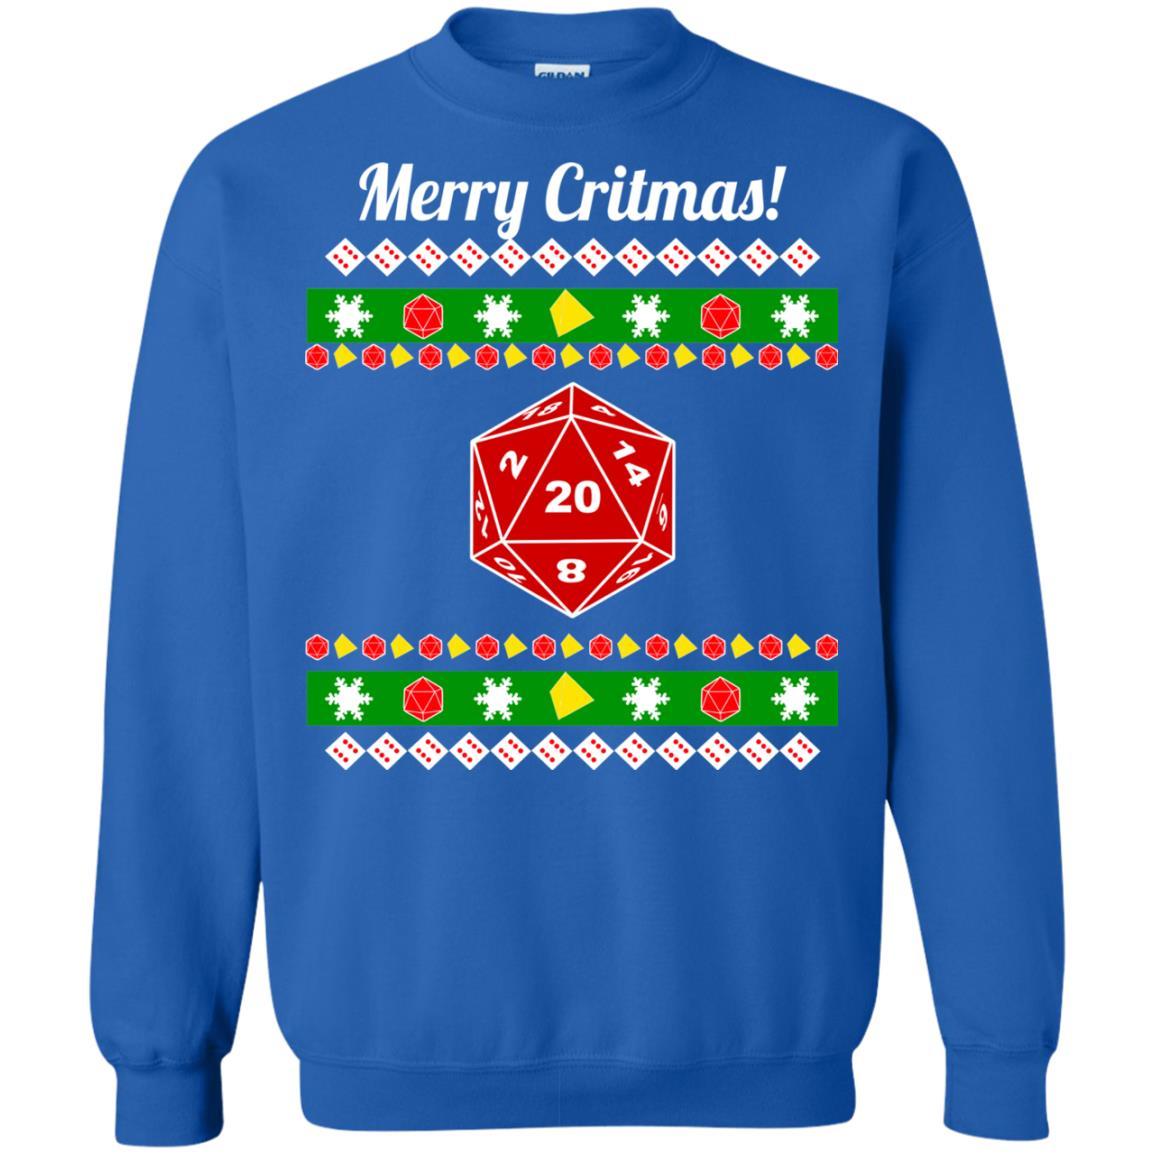 image 2213 - Merry Critmas Christmas ugly Sweatshirts, Long Sleeve